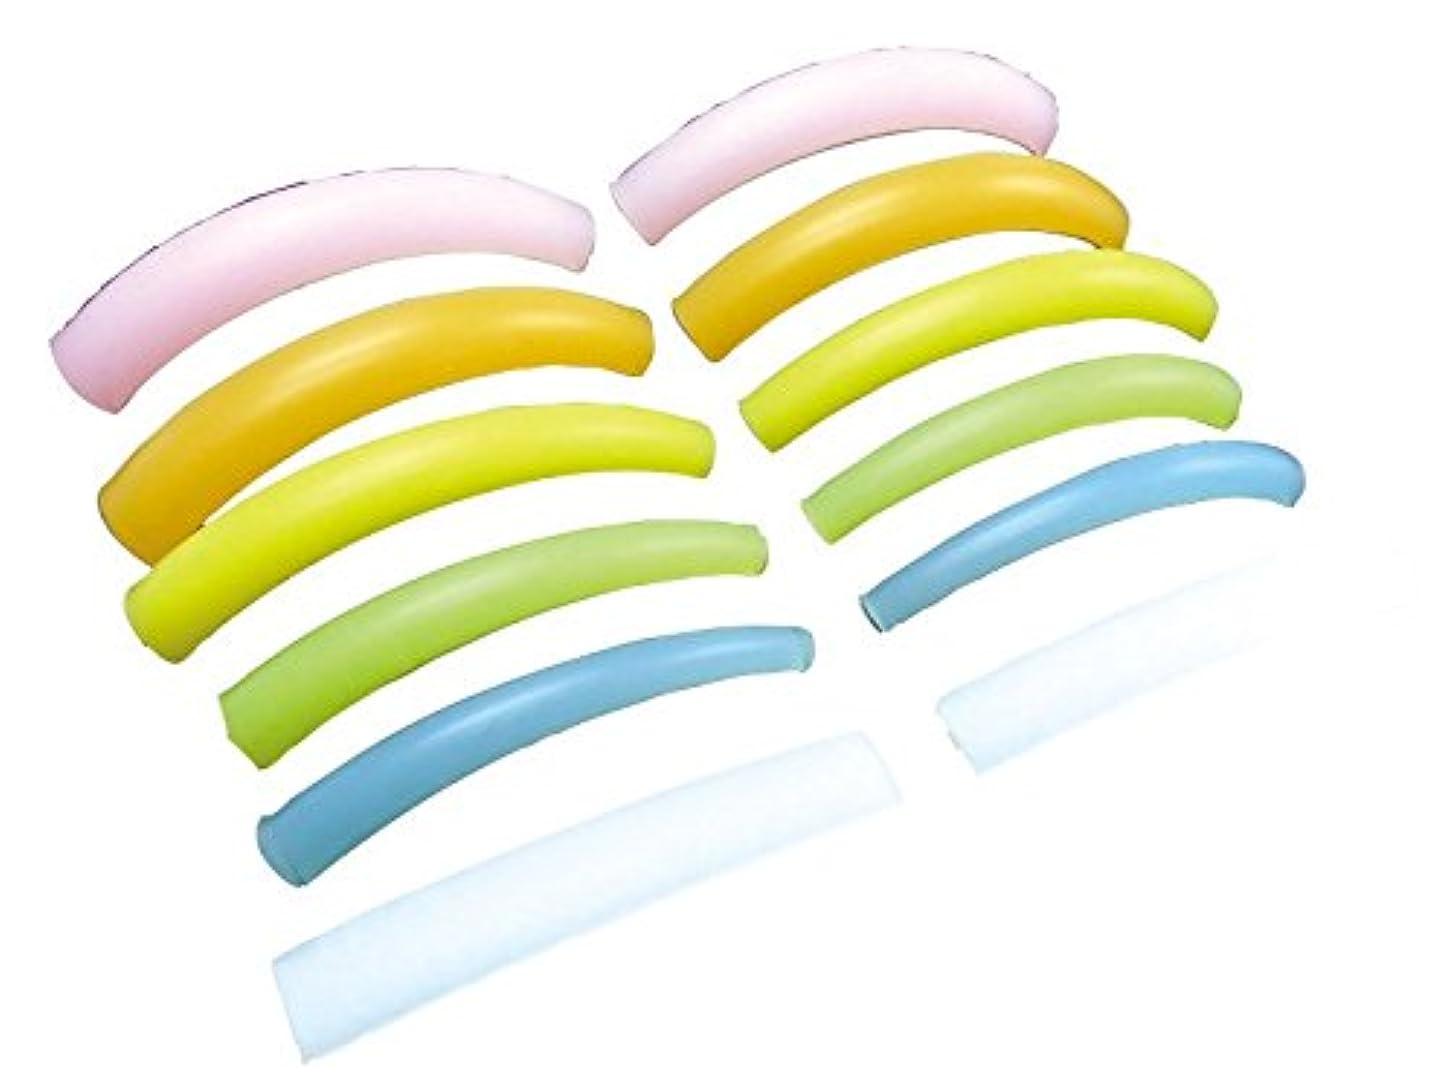 出来事各吸い込む業務用 アイメイク シリコンロット まつげ サイズフルセット 6人分12枚入り 3L、LL、L、M、S、フラット